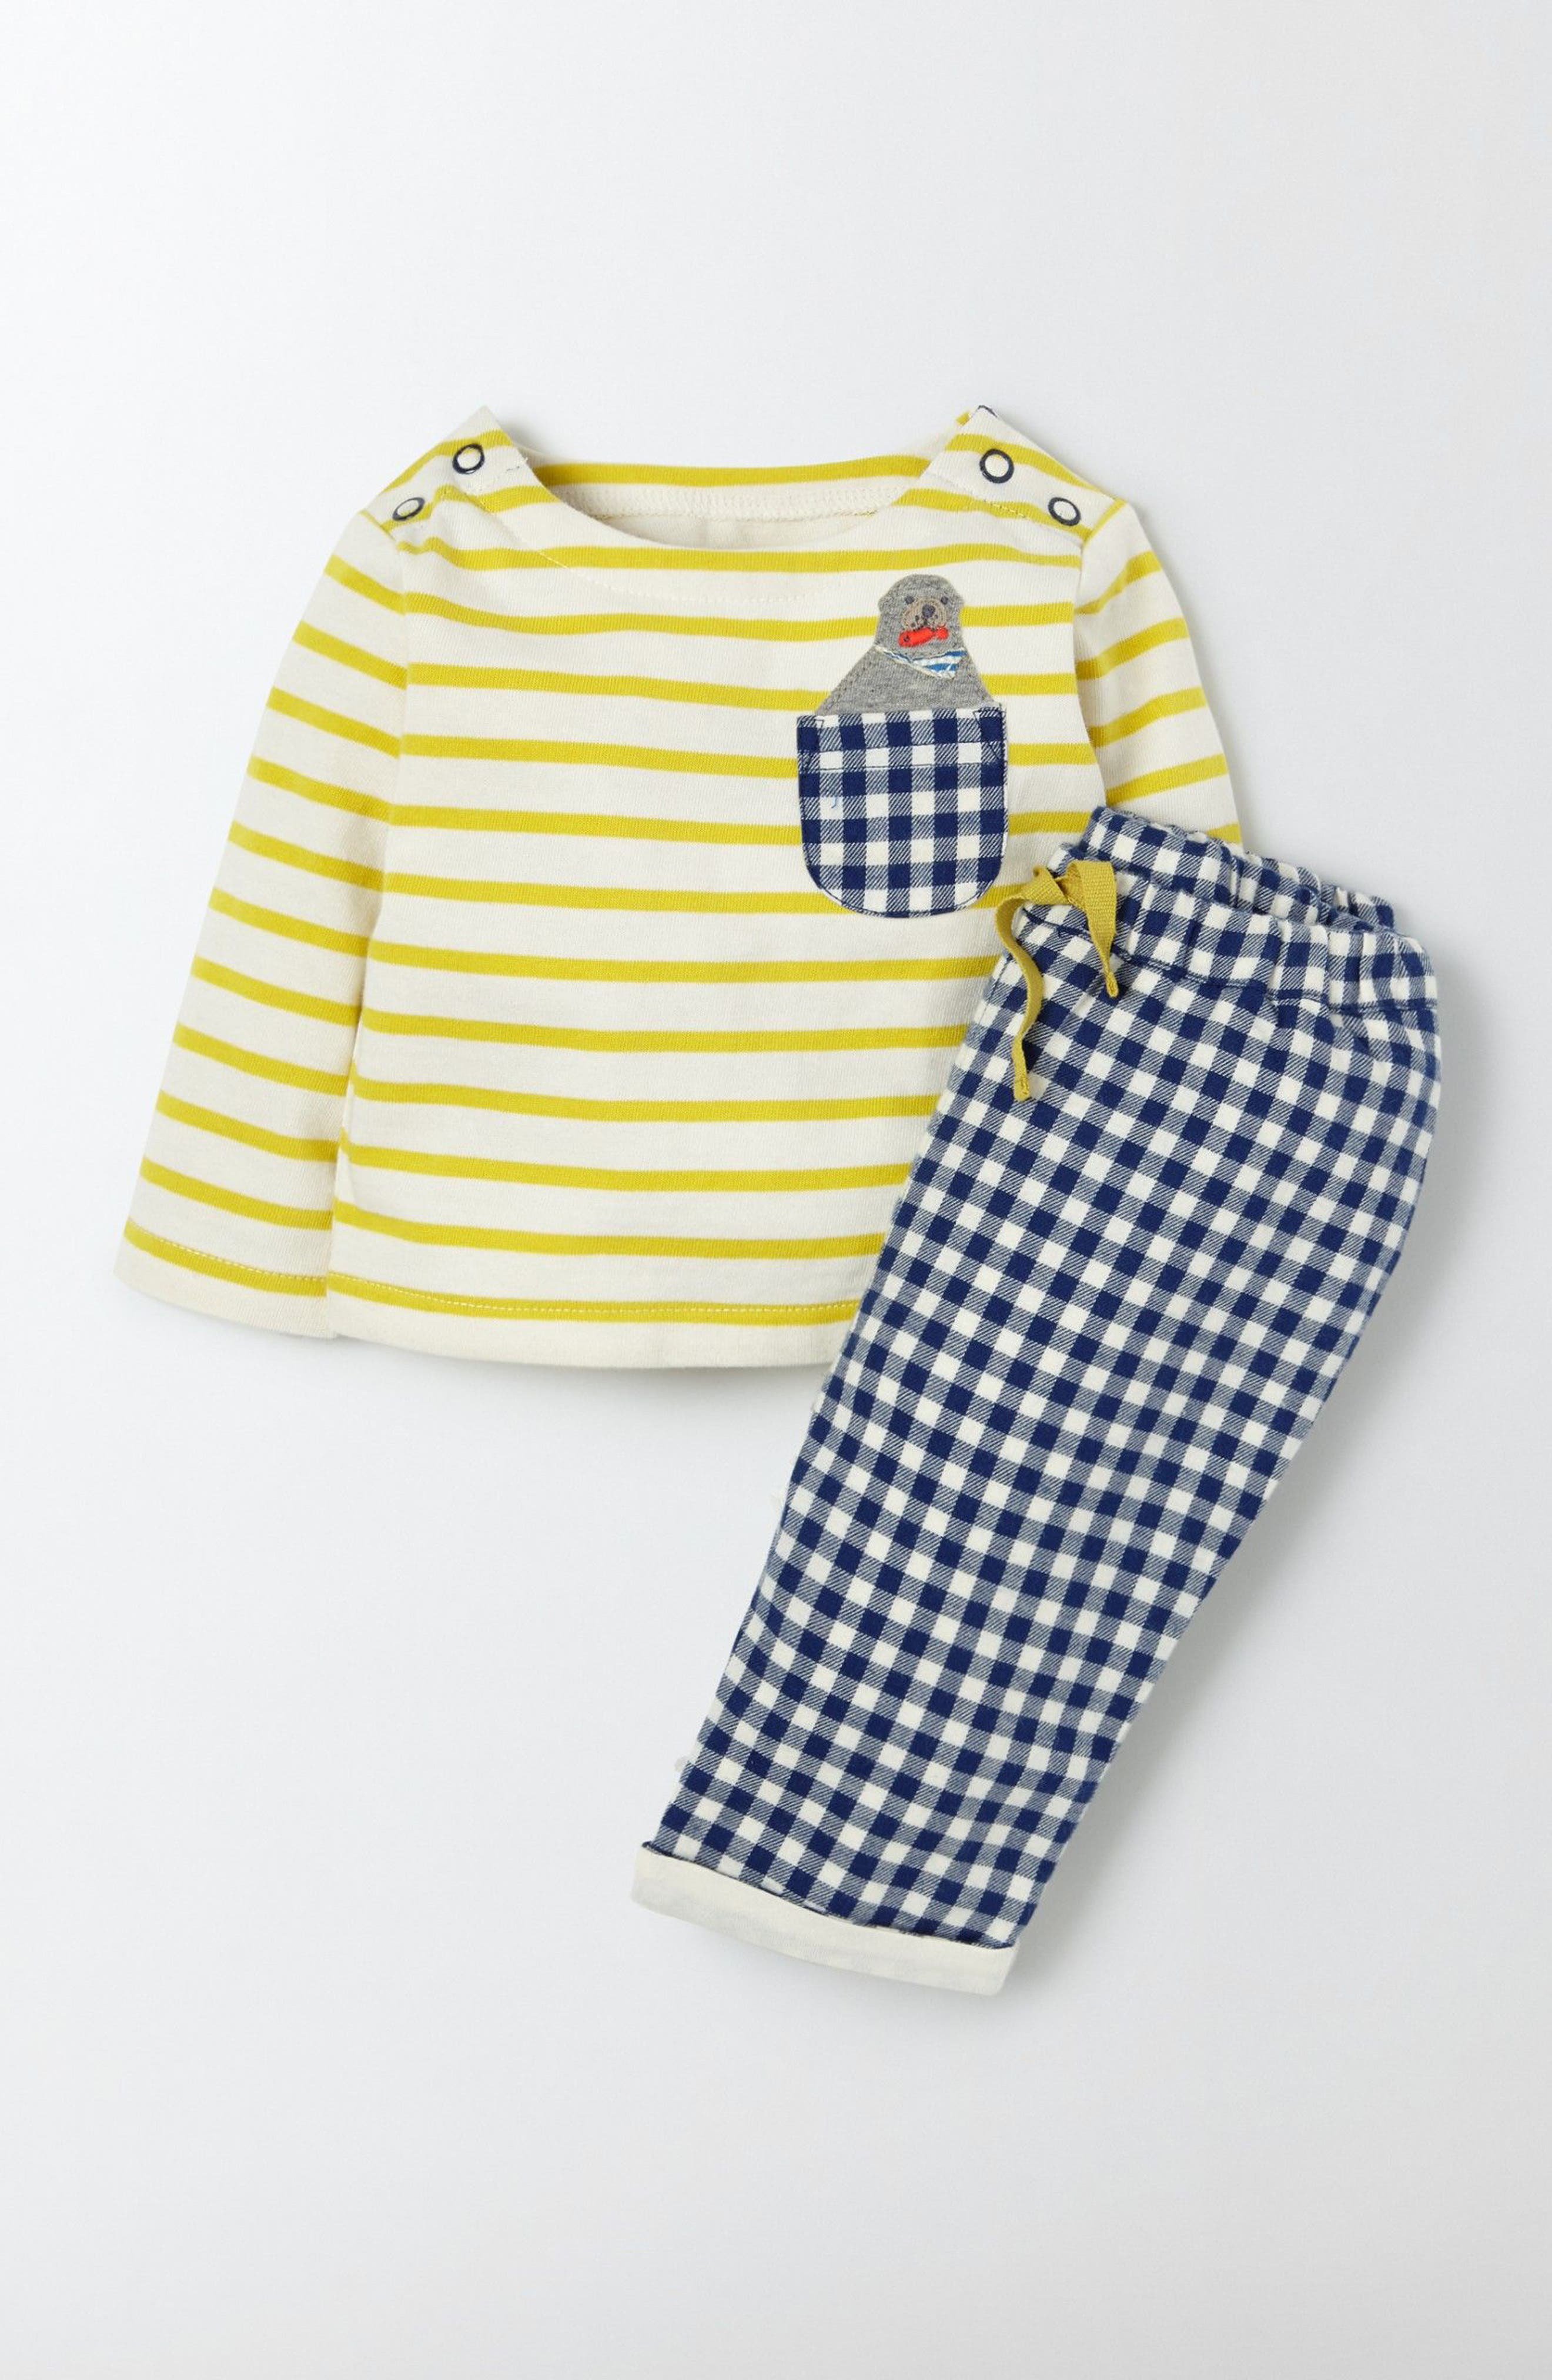 MINI BODEN Fun Shirt & Pants Set